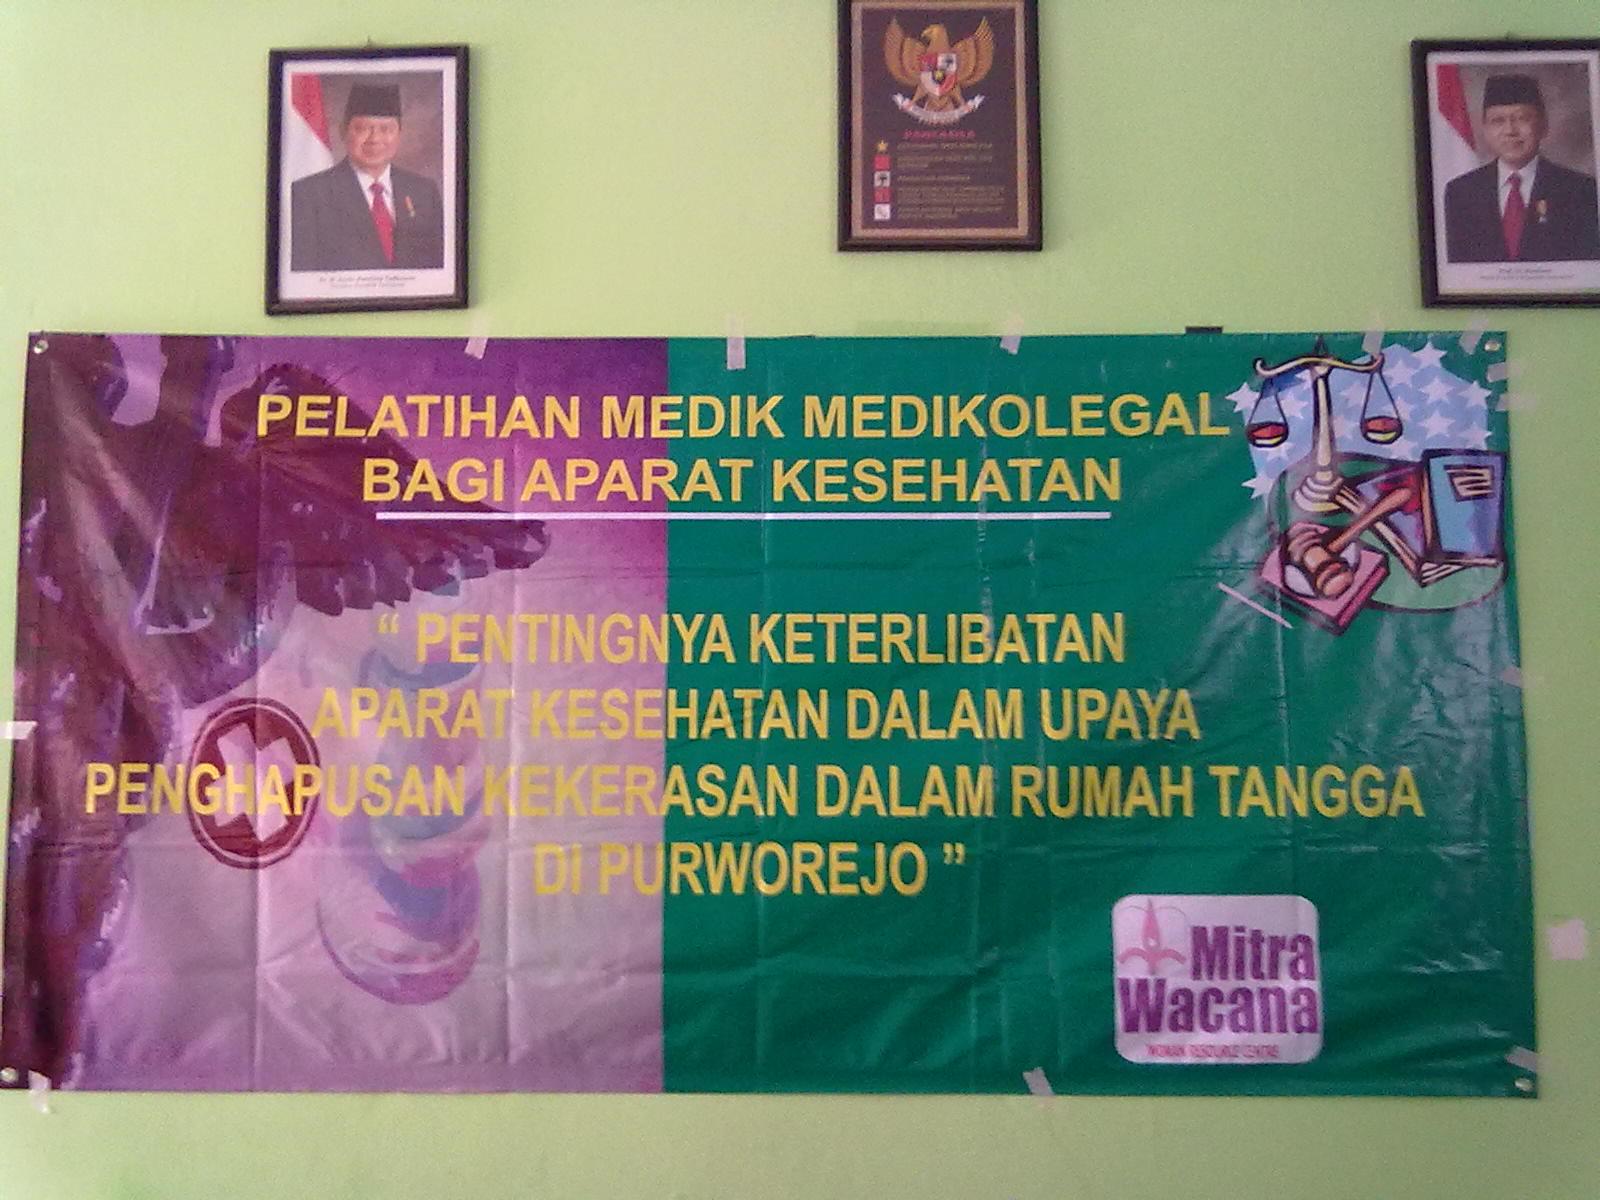 pelatihan medik-medikolegal